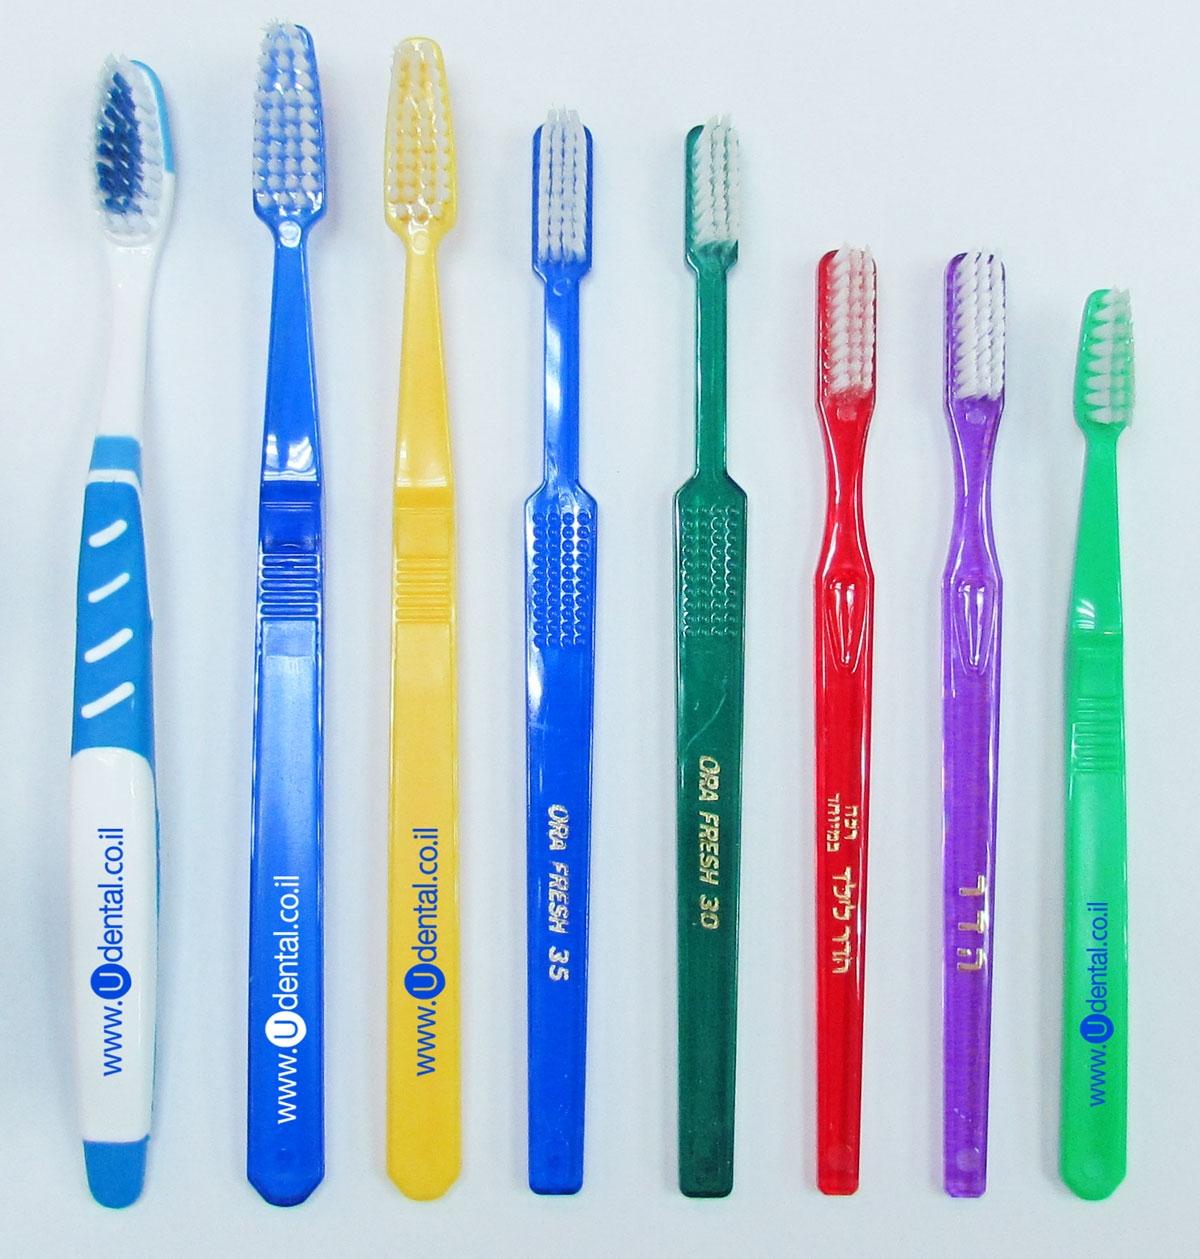 מברשות שיניים ממותגות